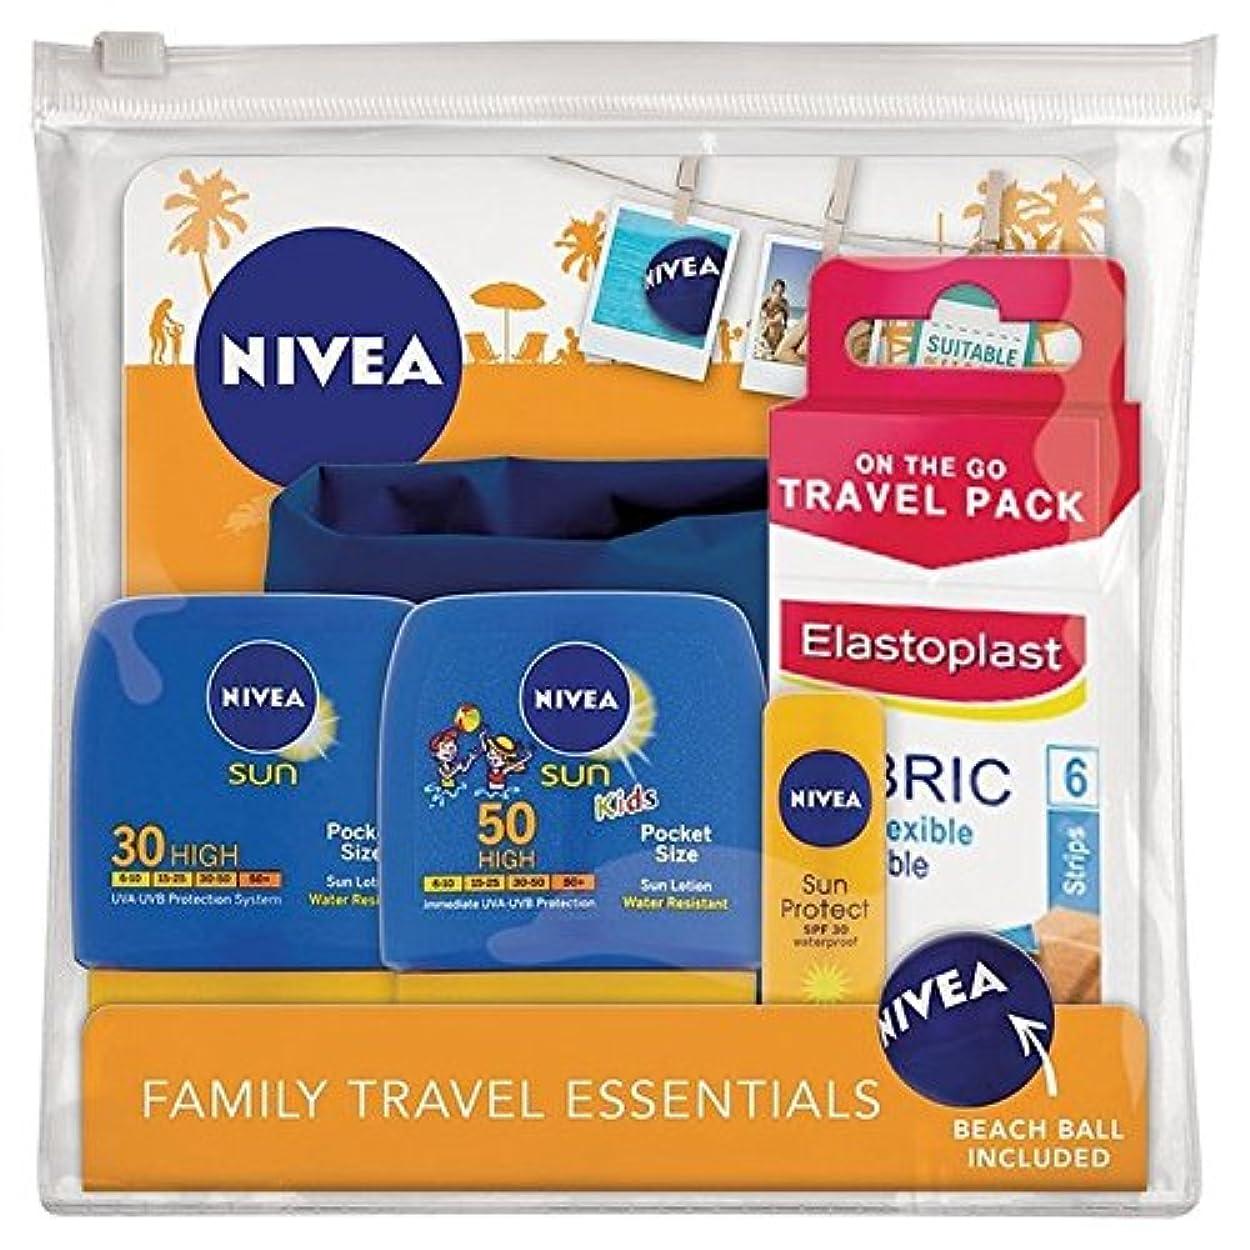 ユーザーチャーミングレギュラーニベア日旅行パック x2 - Nivea Sun Travel Pack (Pack of 2) [並行輸入品]